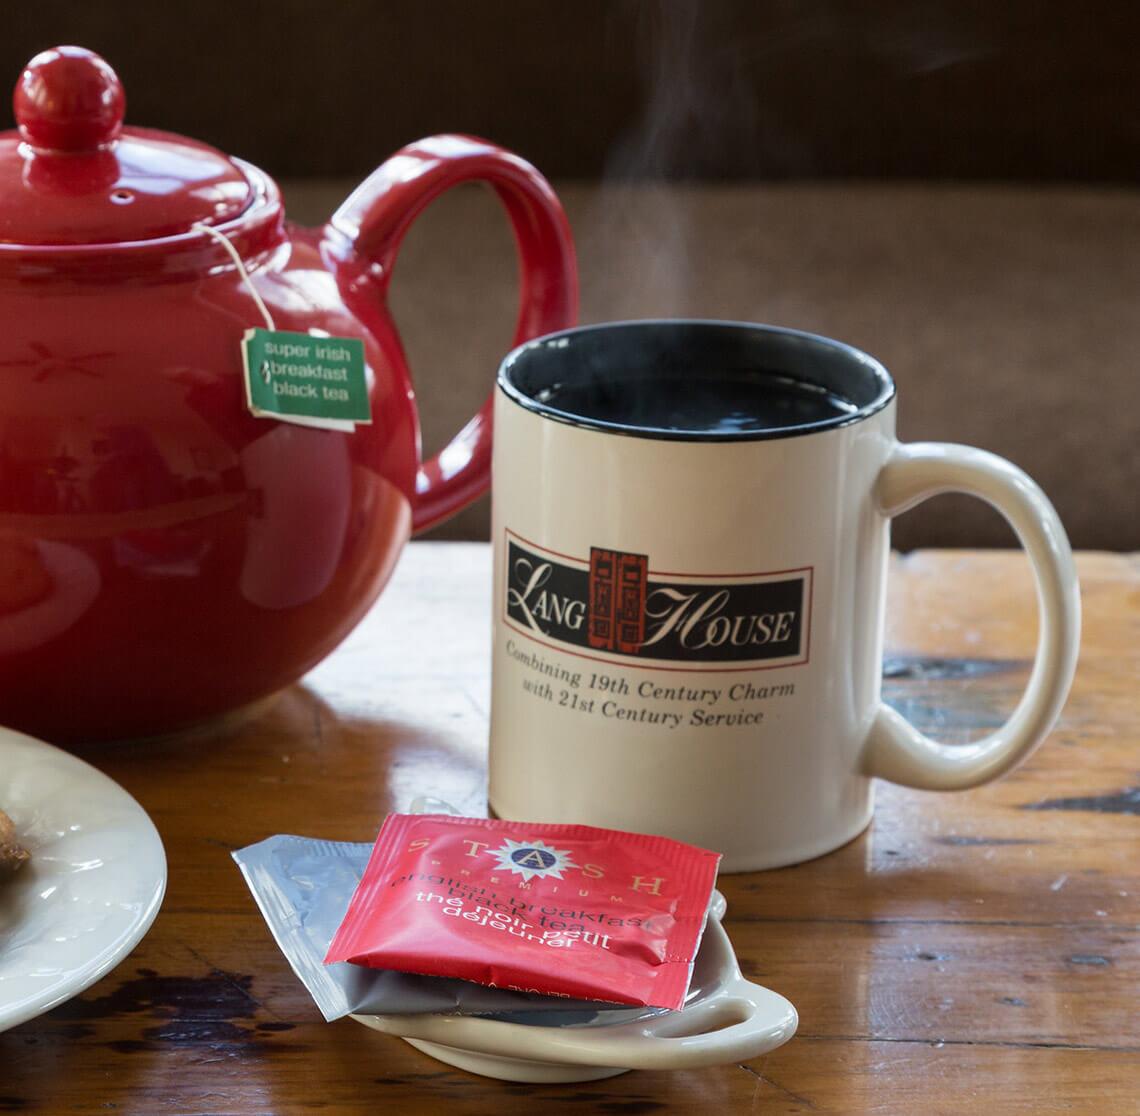 Lang House coffee mug